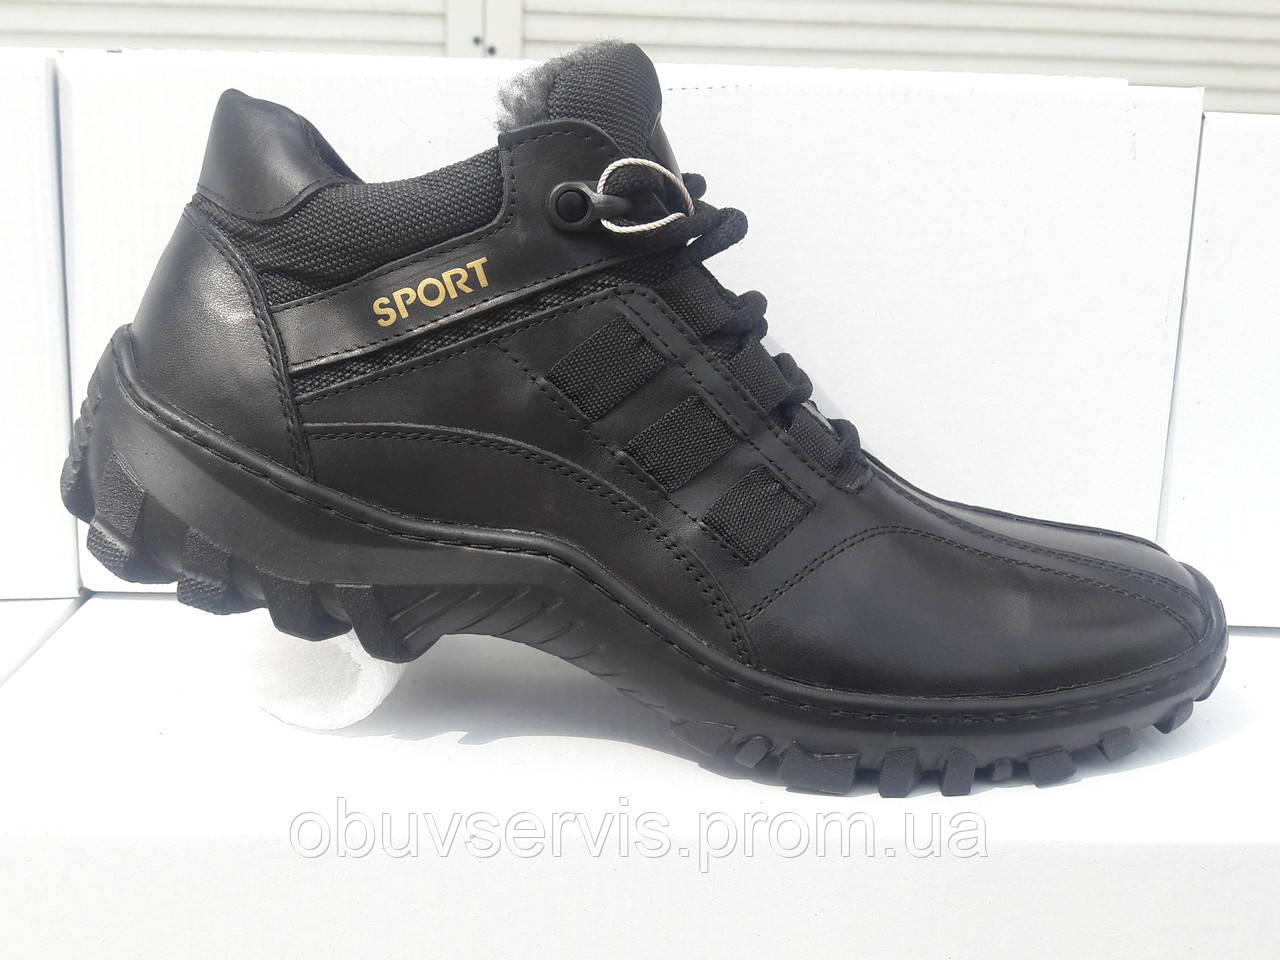 2281030d3df3 Зимние мужские кожаные ботинки 07Б GRAS Размерный ряд: 40-45 черного цвета:  продажа, ...